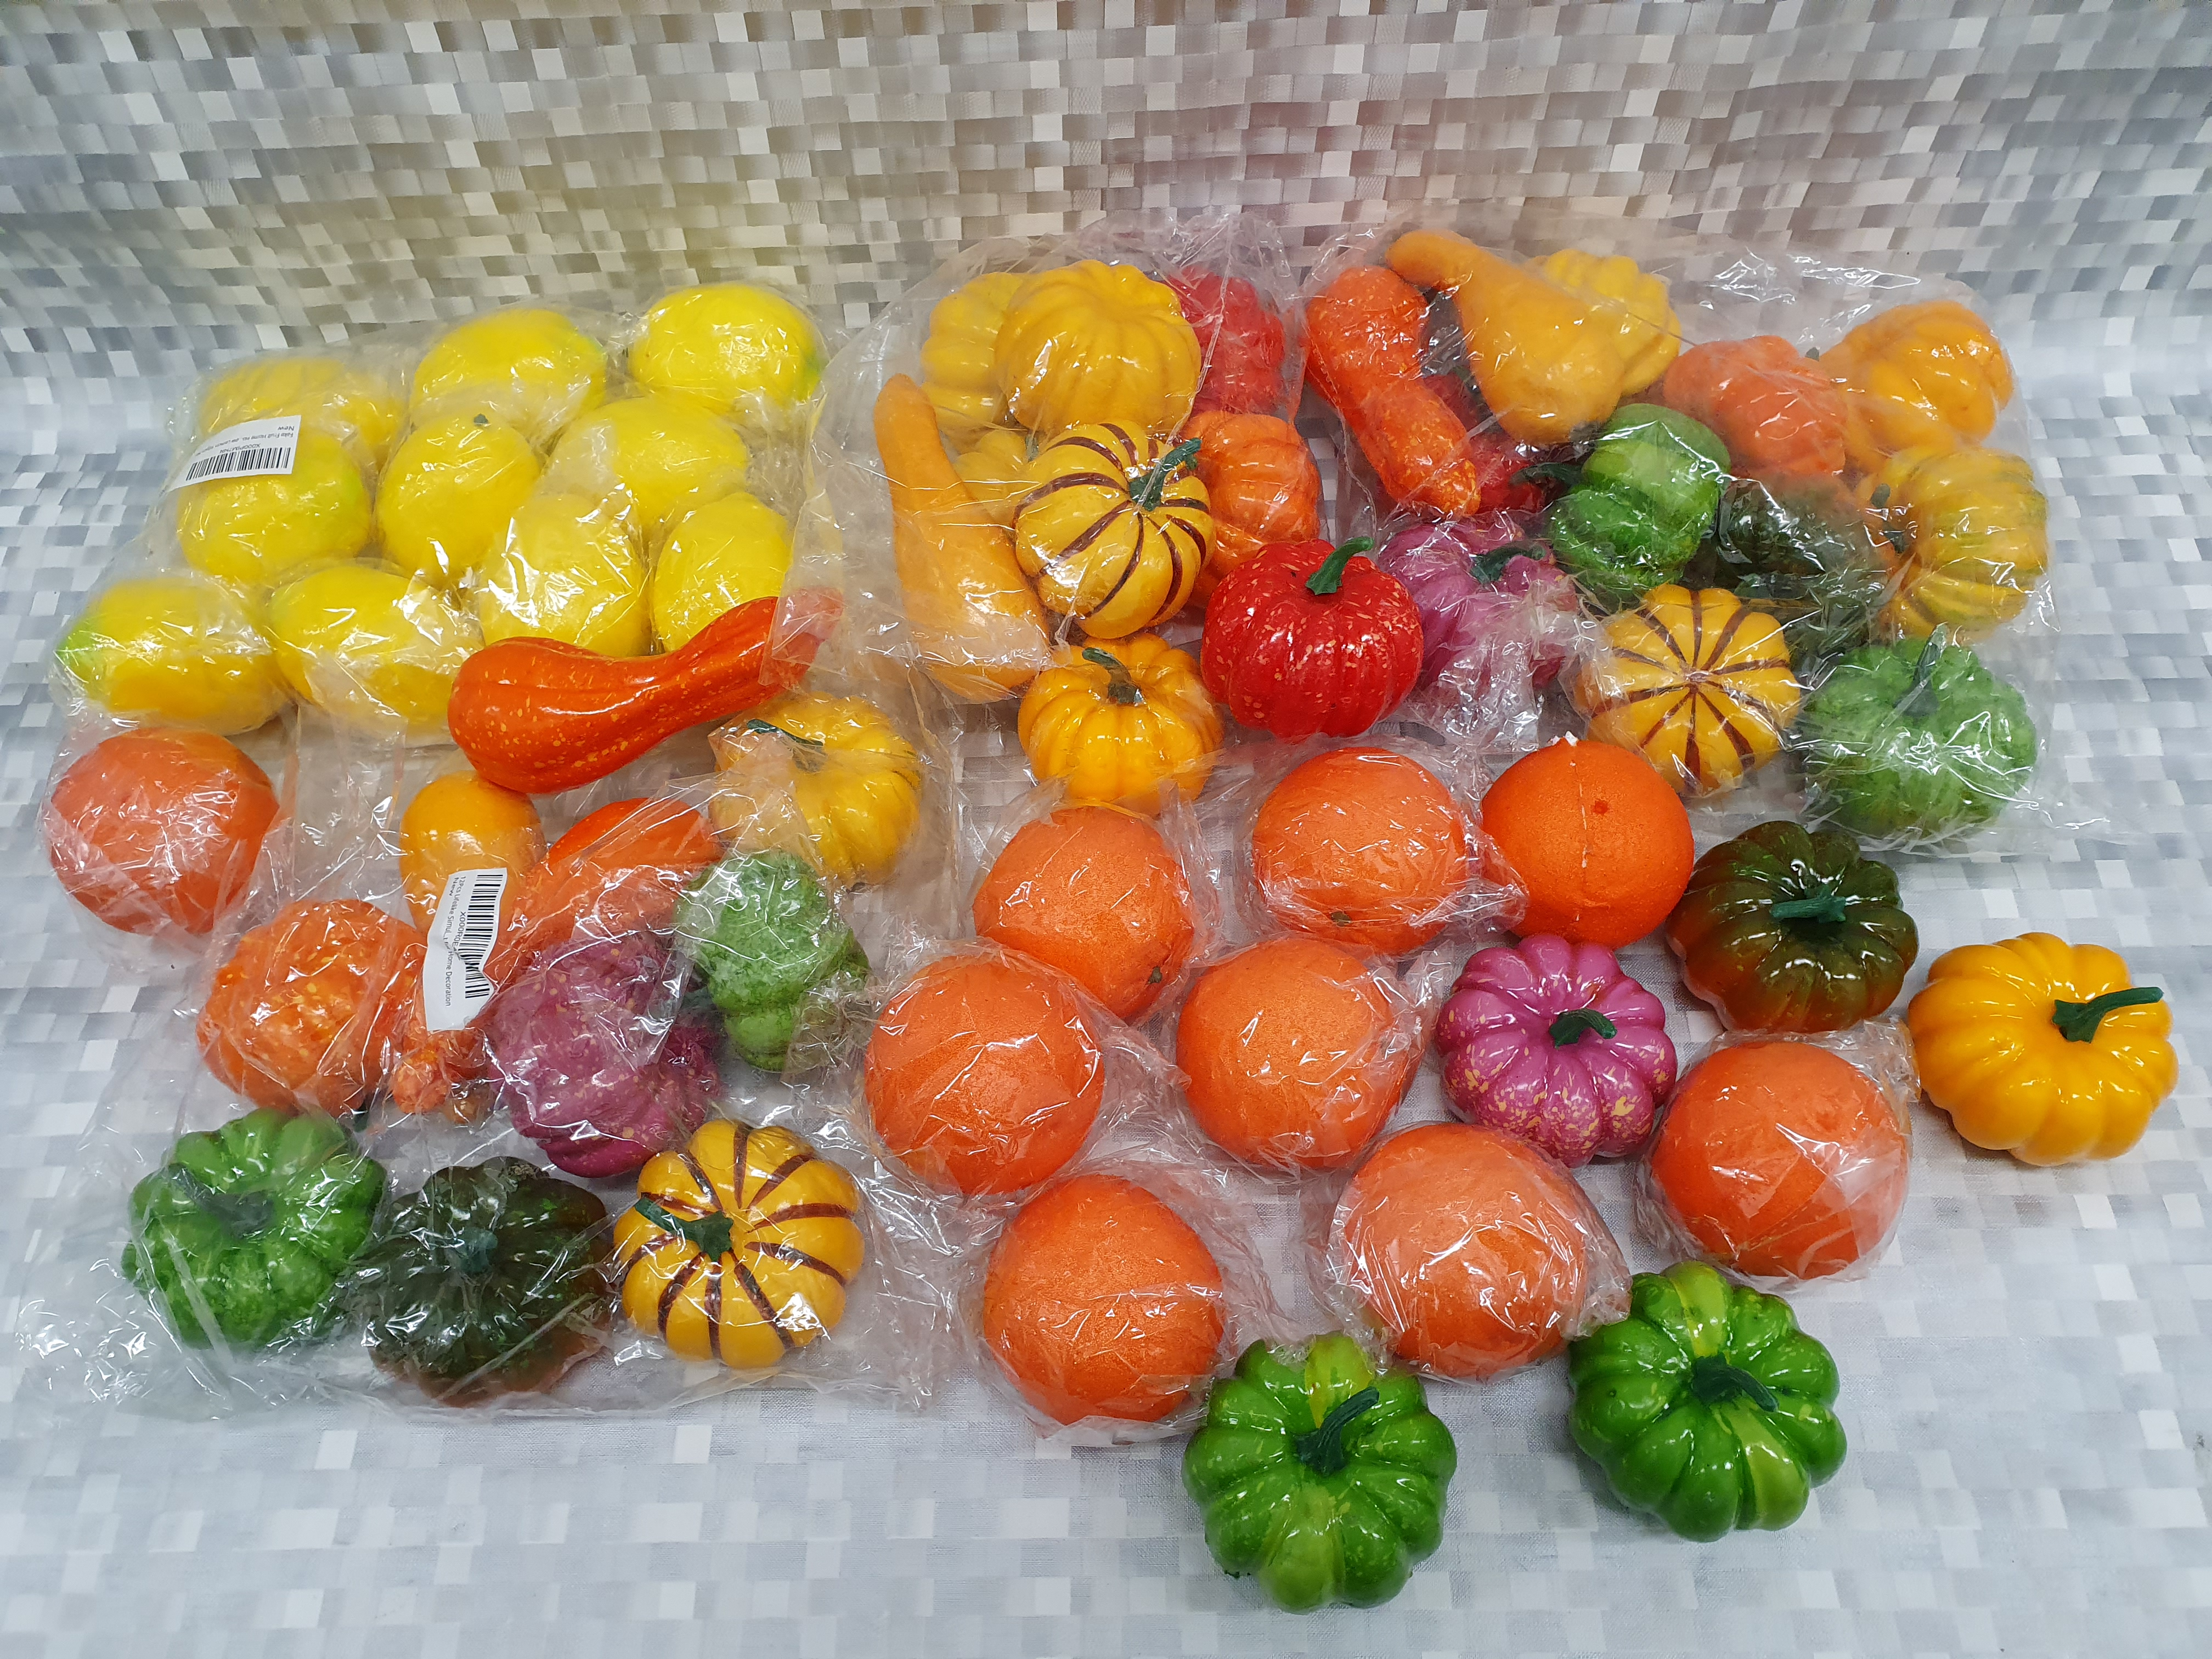 Kunstfruit Fruit Decoratie Jouwveilingen Nl Webshop